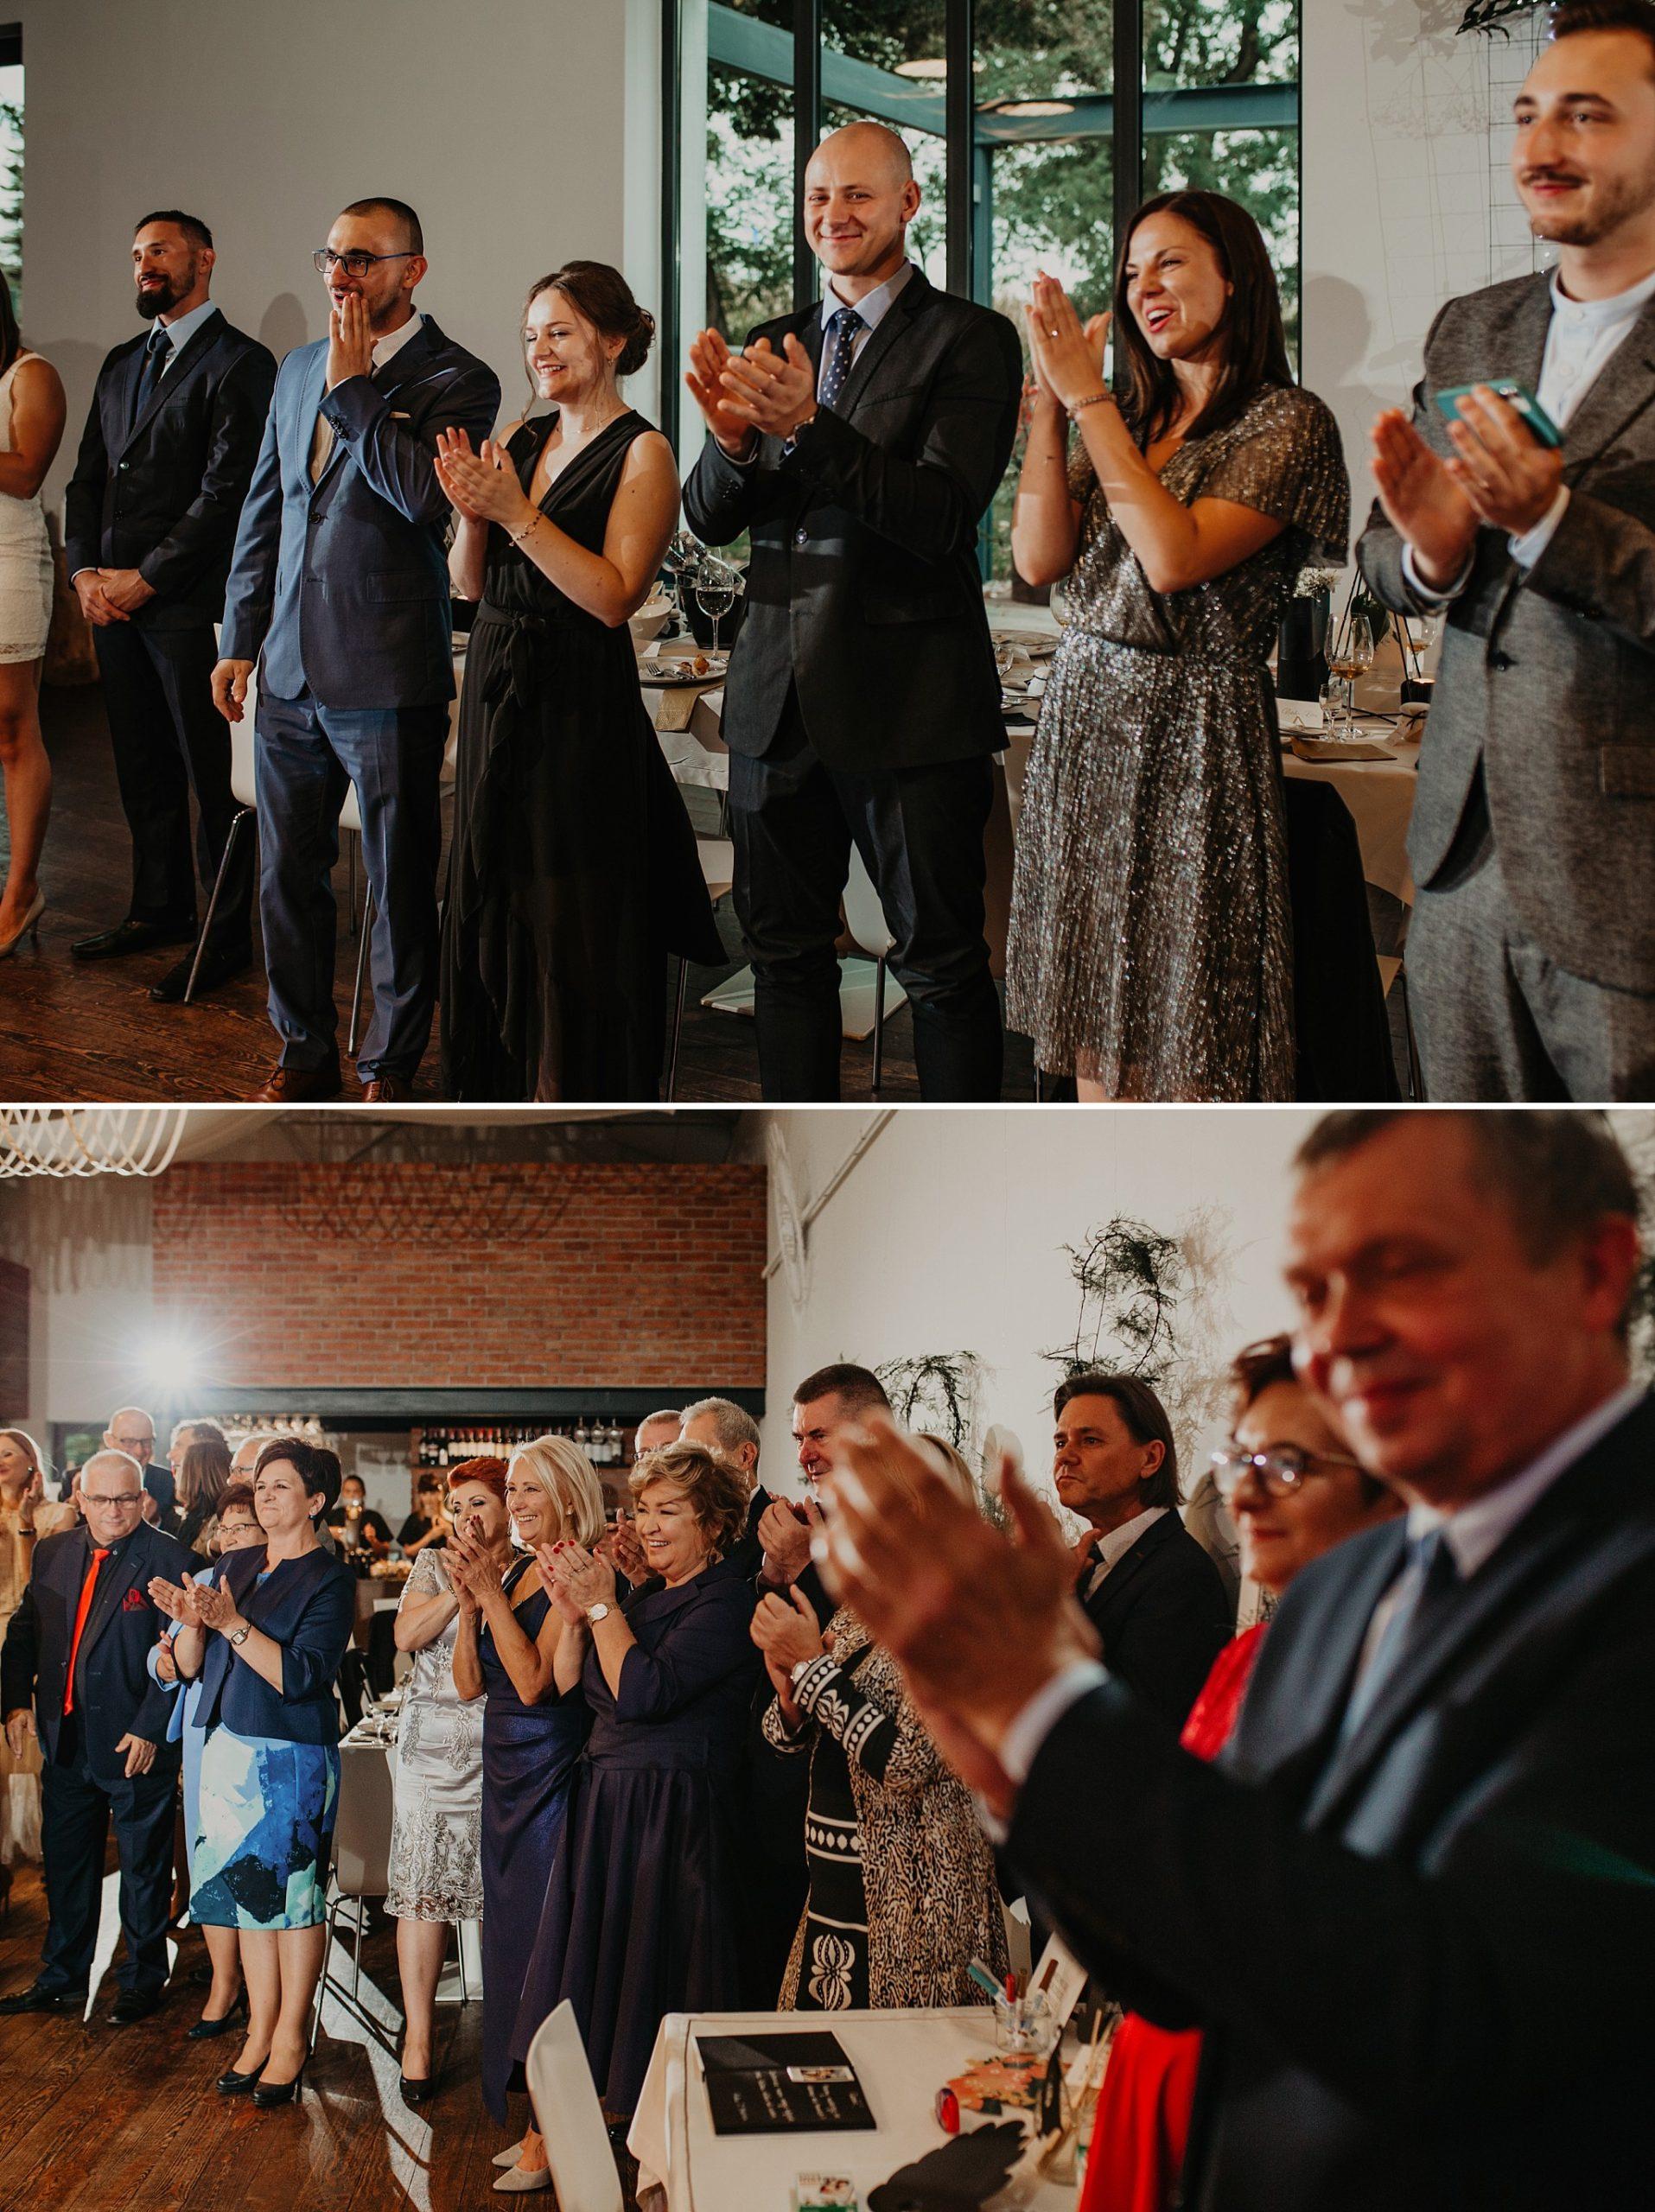 fotograf poznan wesele dobra truskawka piekne wesele pod poznaniem wesele w dobrej truskawce piekna para mloda slub marzen slub koronawirus slub listopad wesele koronawirus 327 scaled